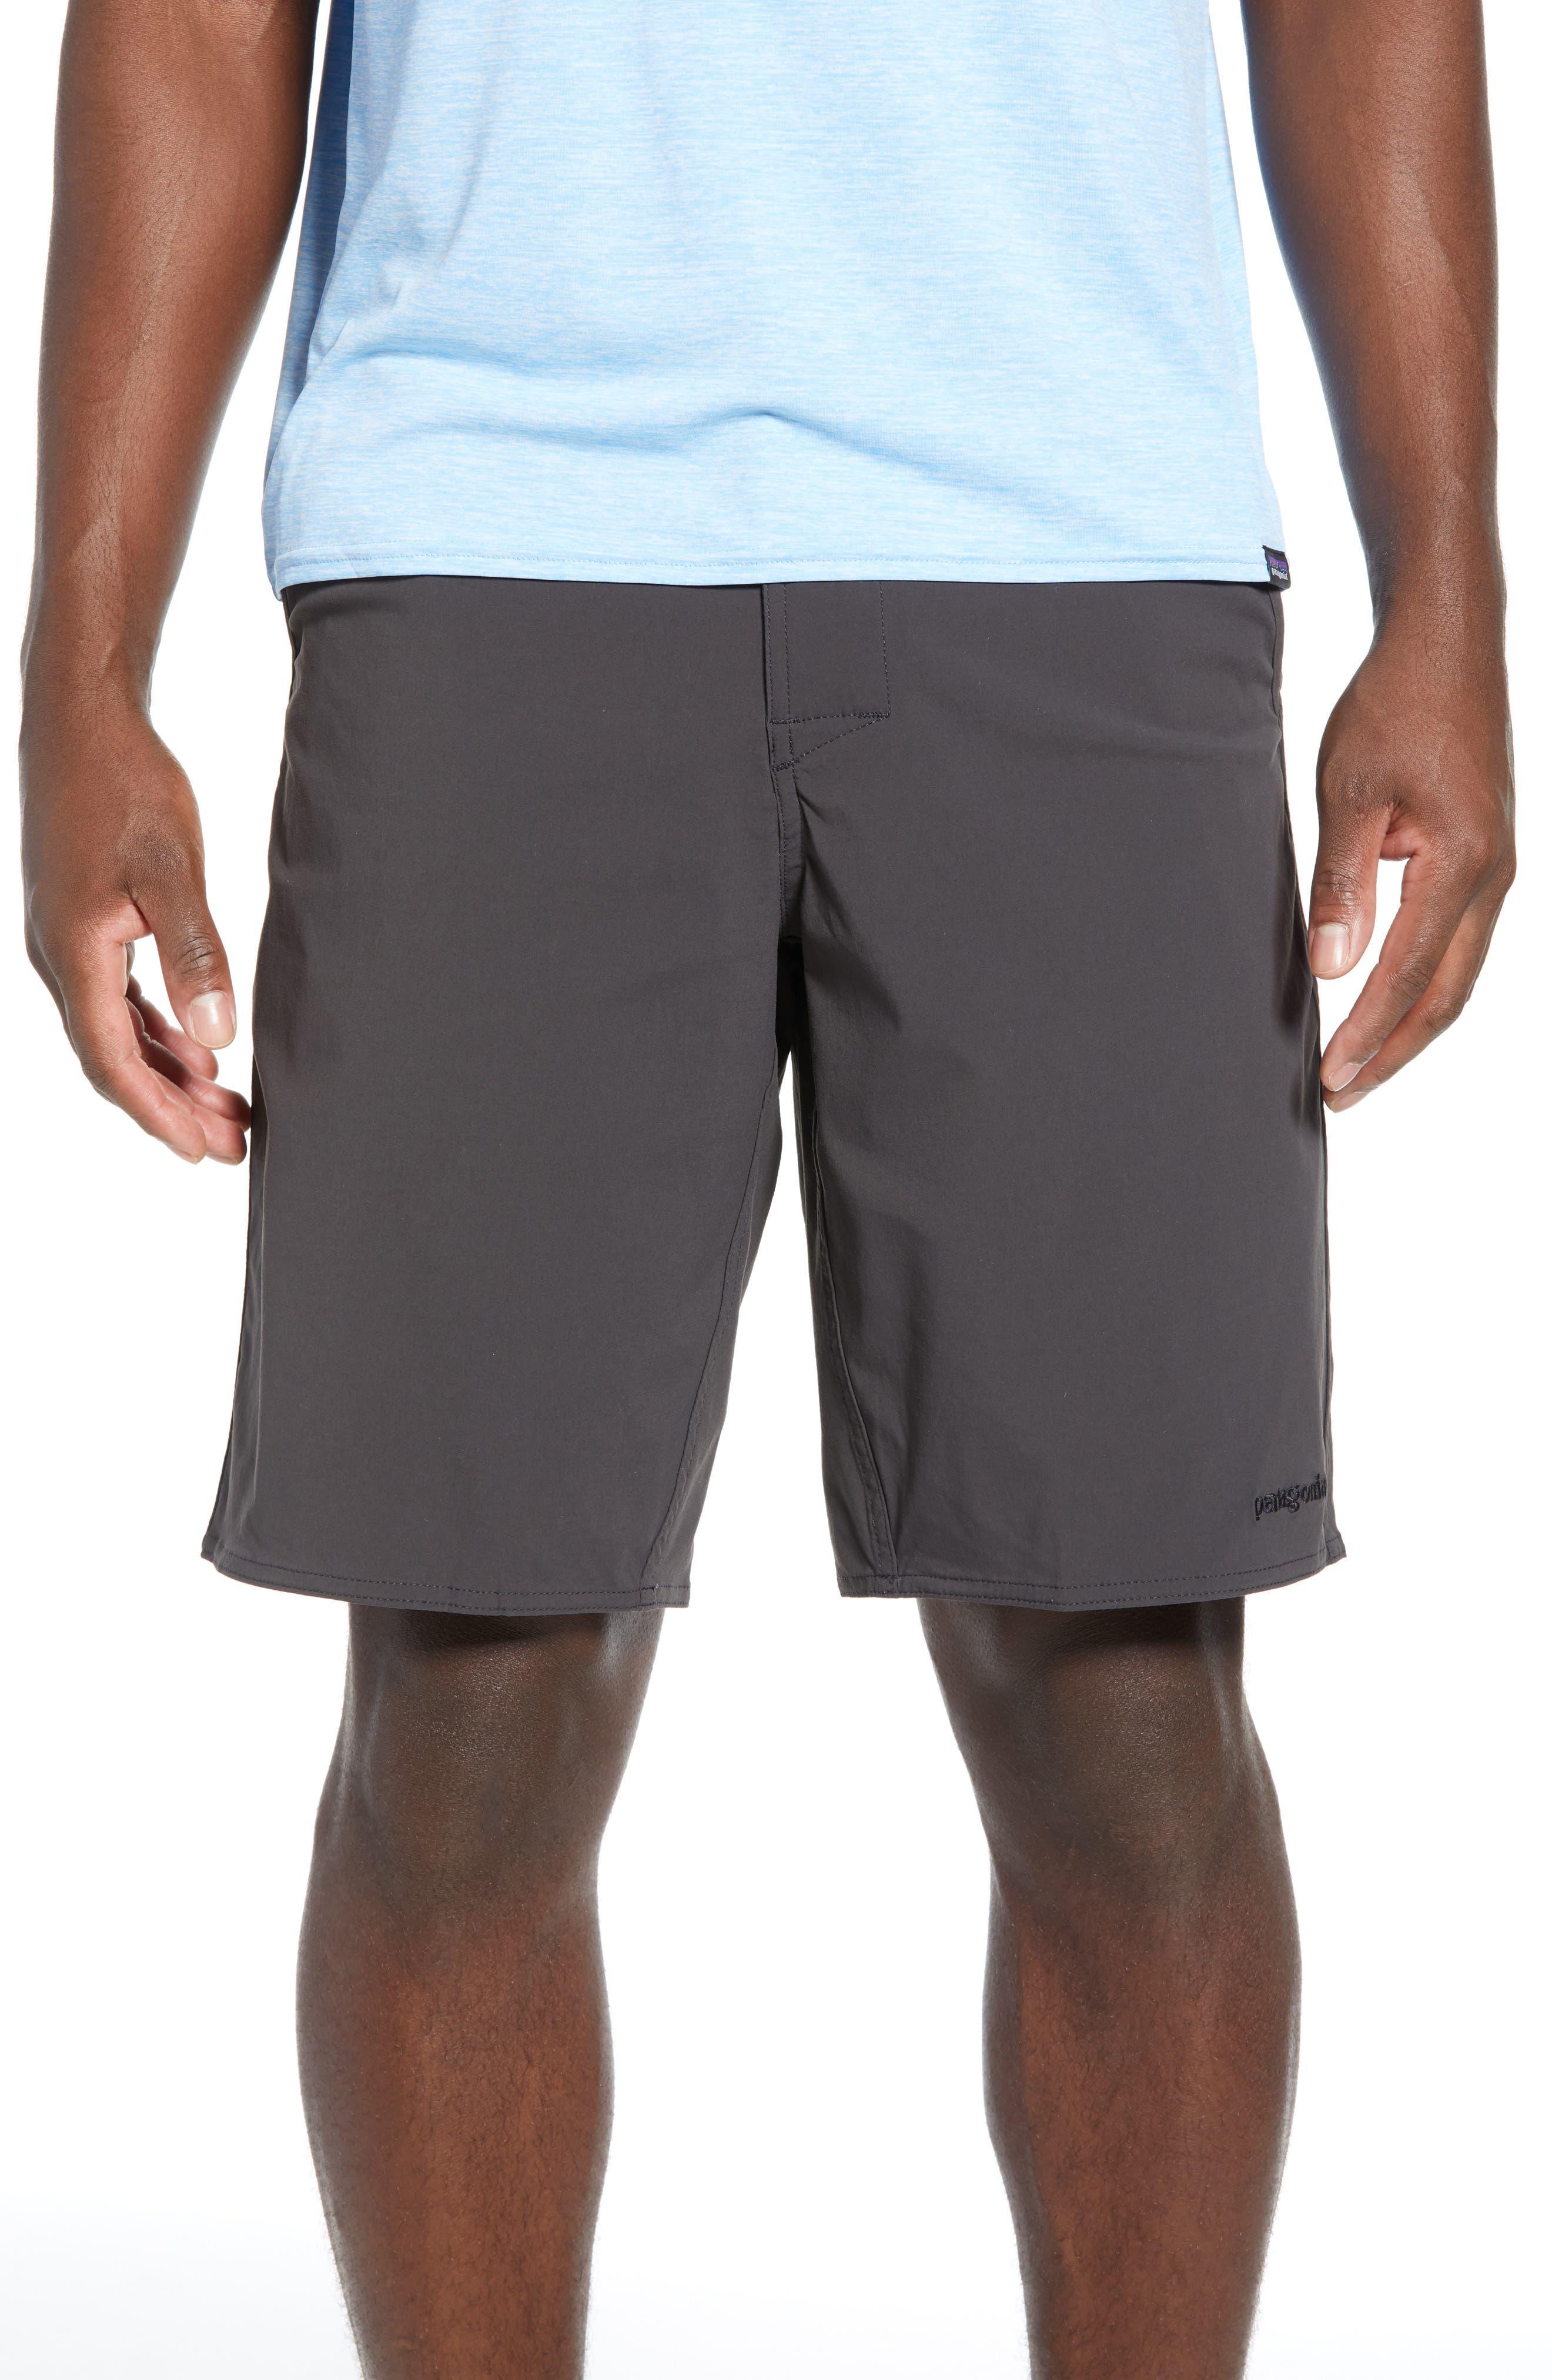 Patagonia Stretch Wavefarer Walking Shorts, Black